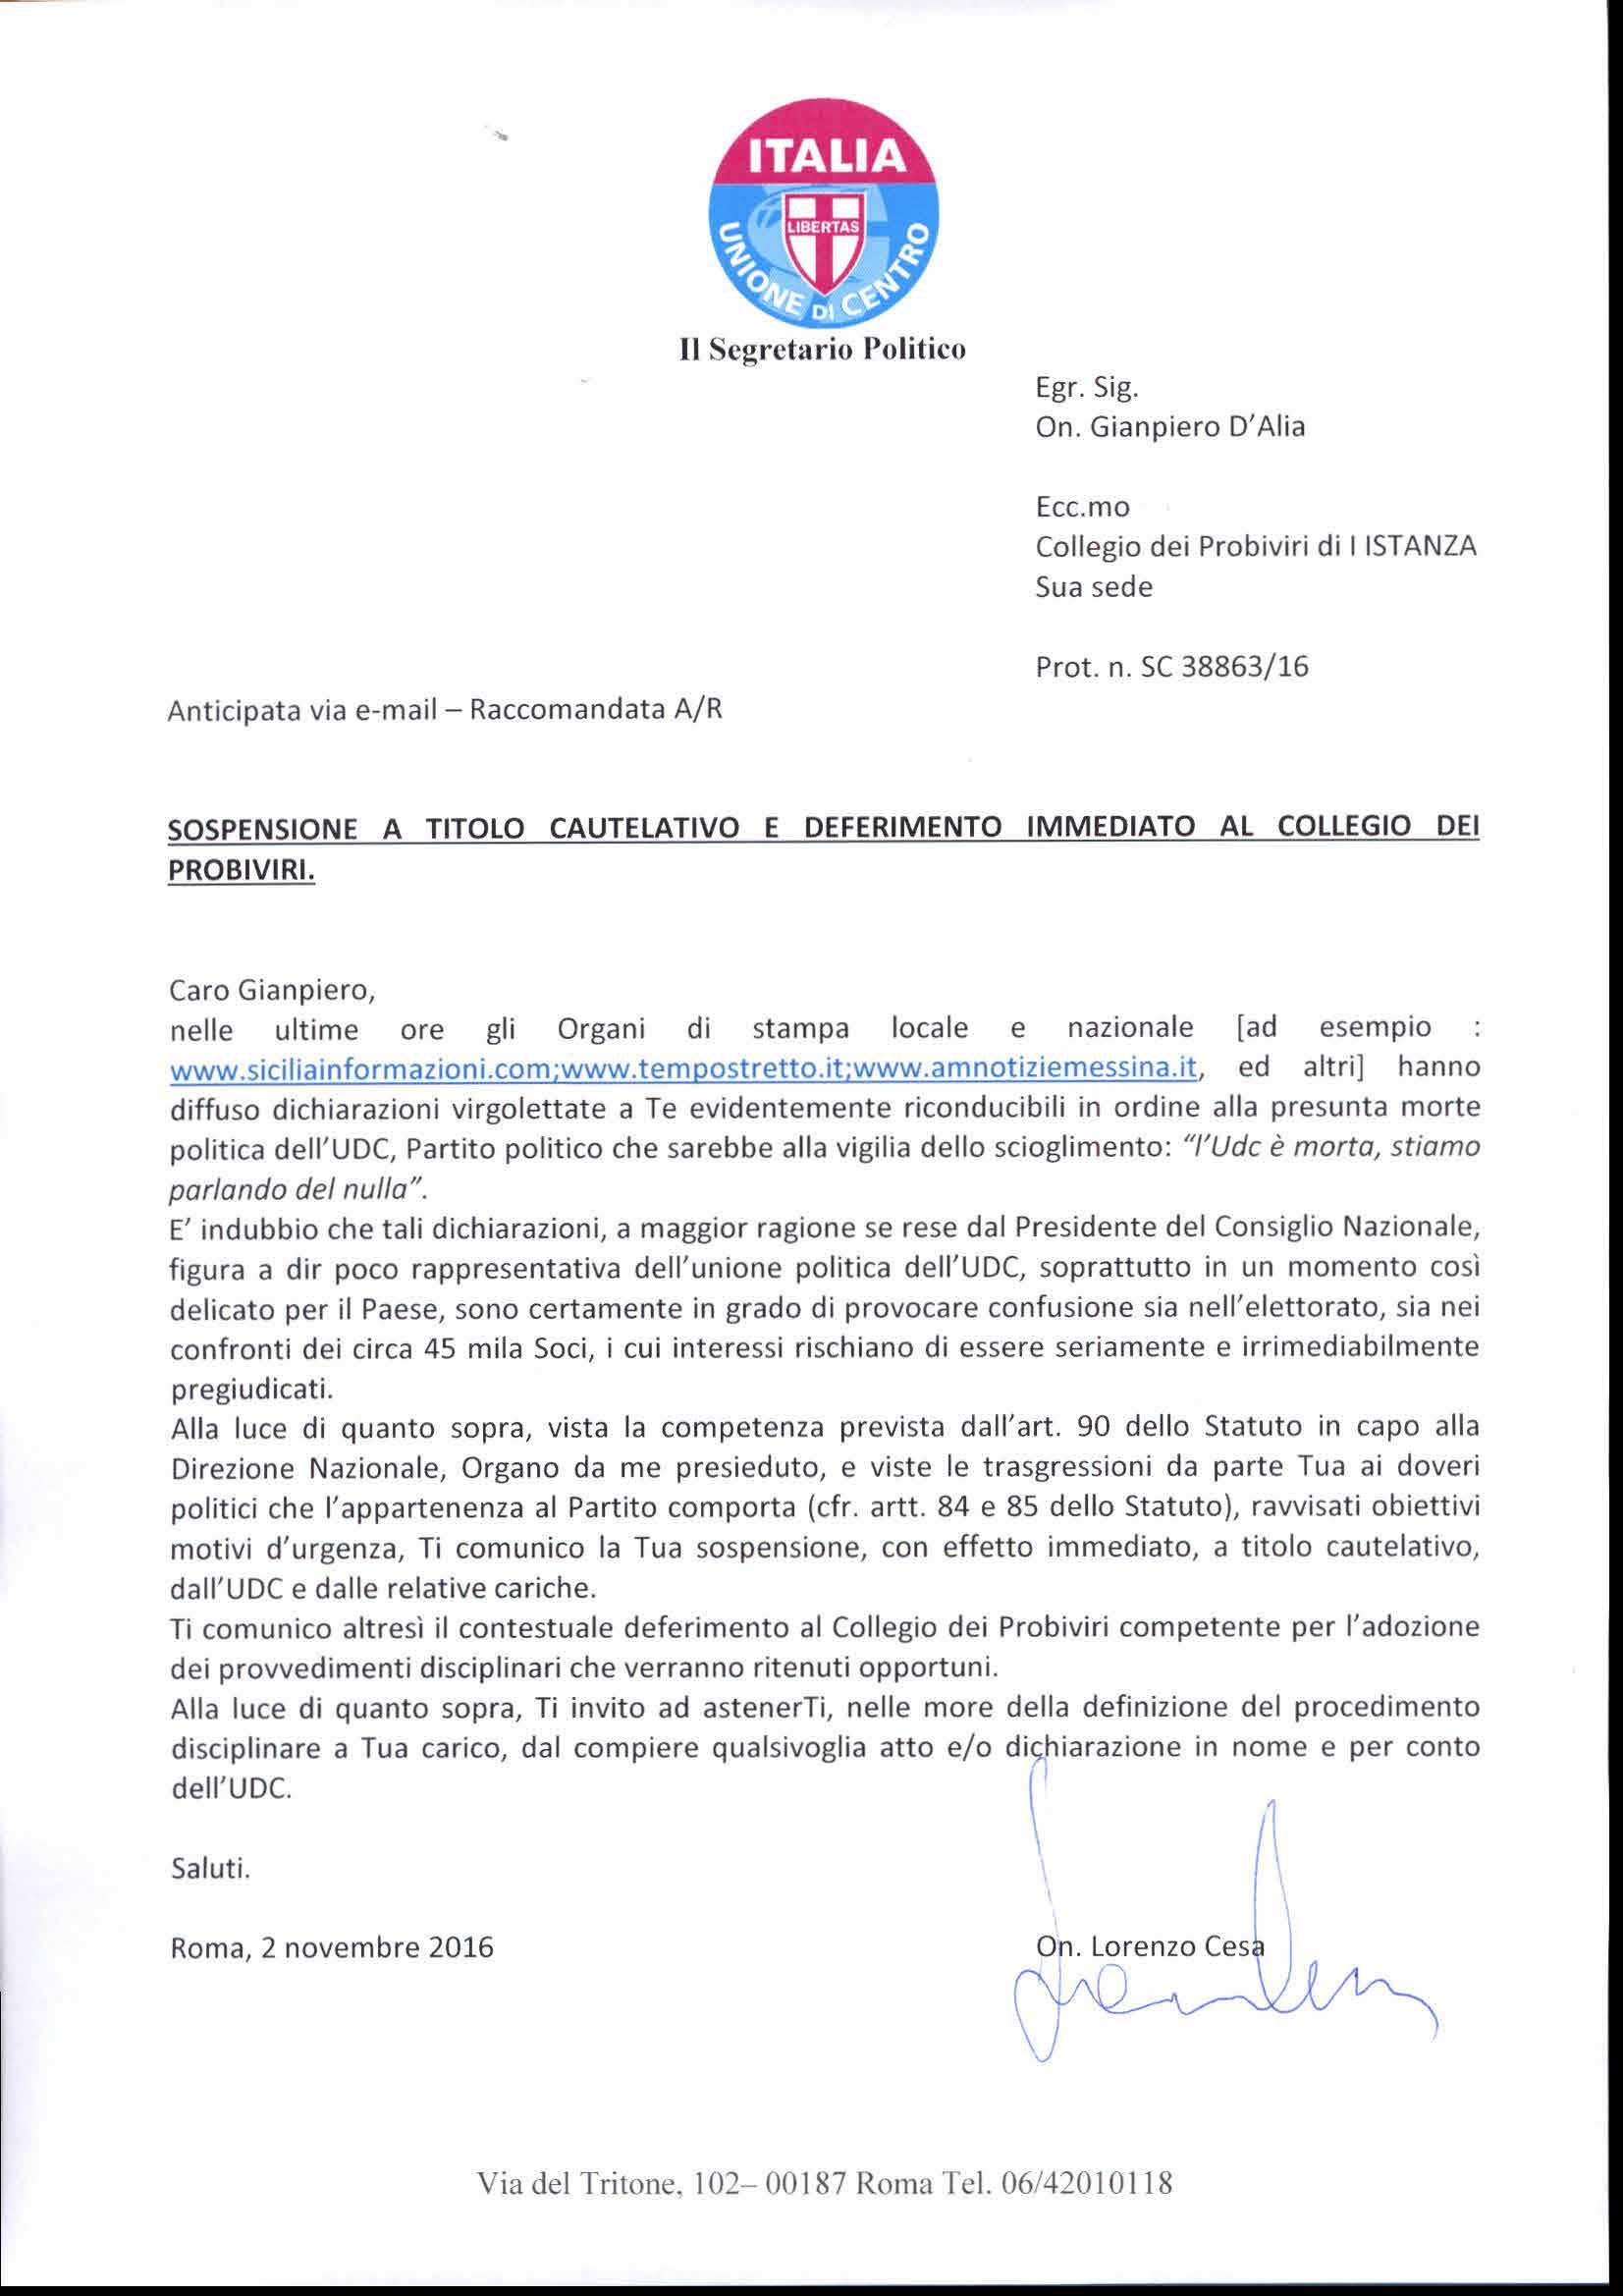 sospensione-a-titolo-cautelativo-e-deferimento-immediato-al-collegio-probiviri